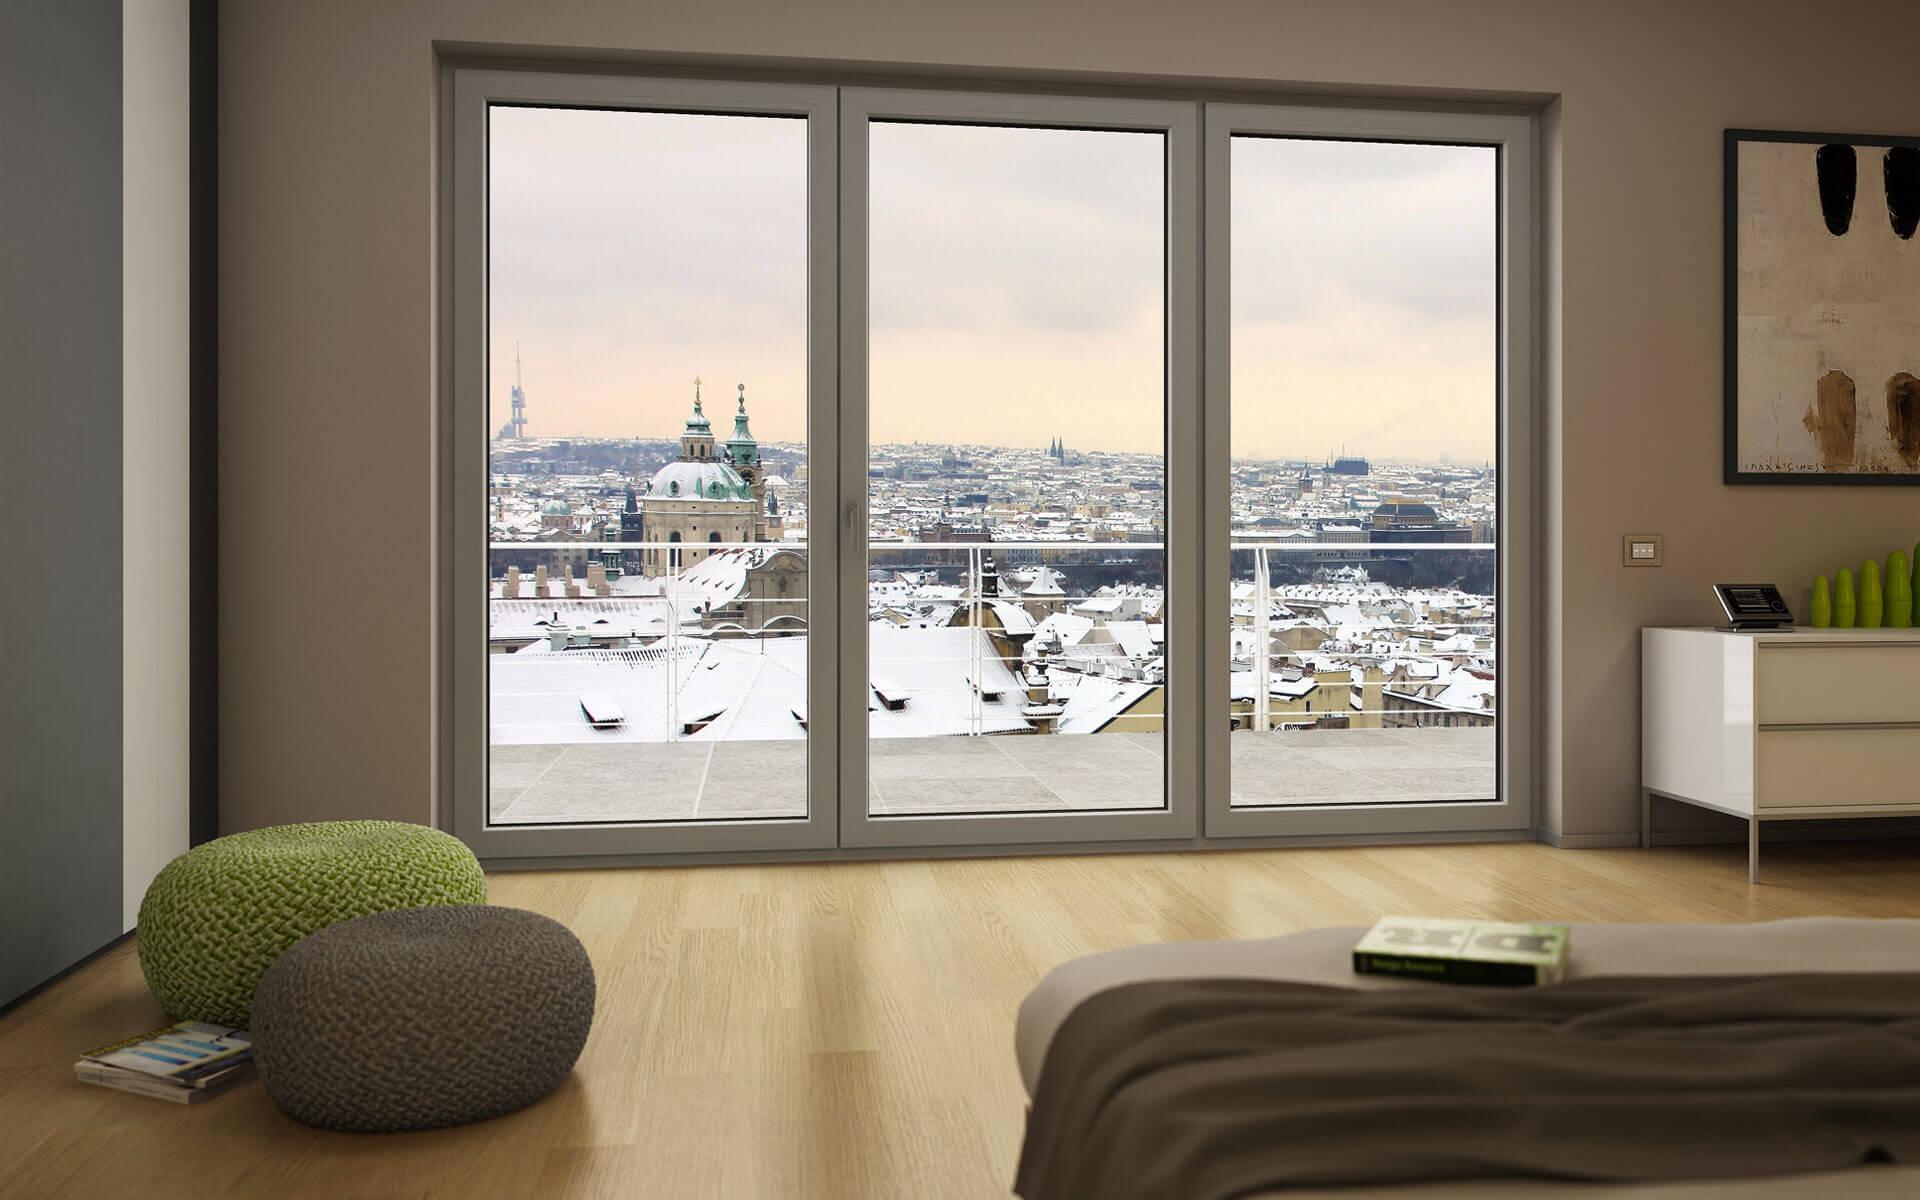 Camera Da Letto Fredda come isolare casa dal freddo dell'inverno | blog oknoplast